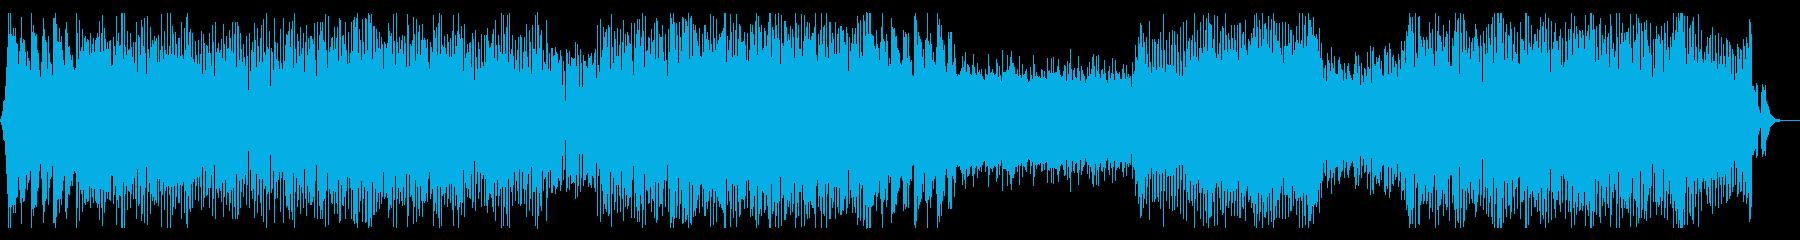 キャッチーなテクノ系EDMの再生済みの波形